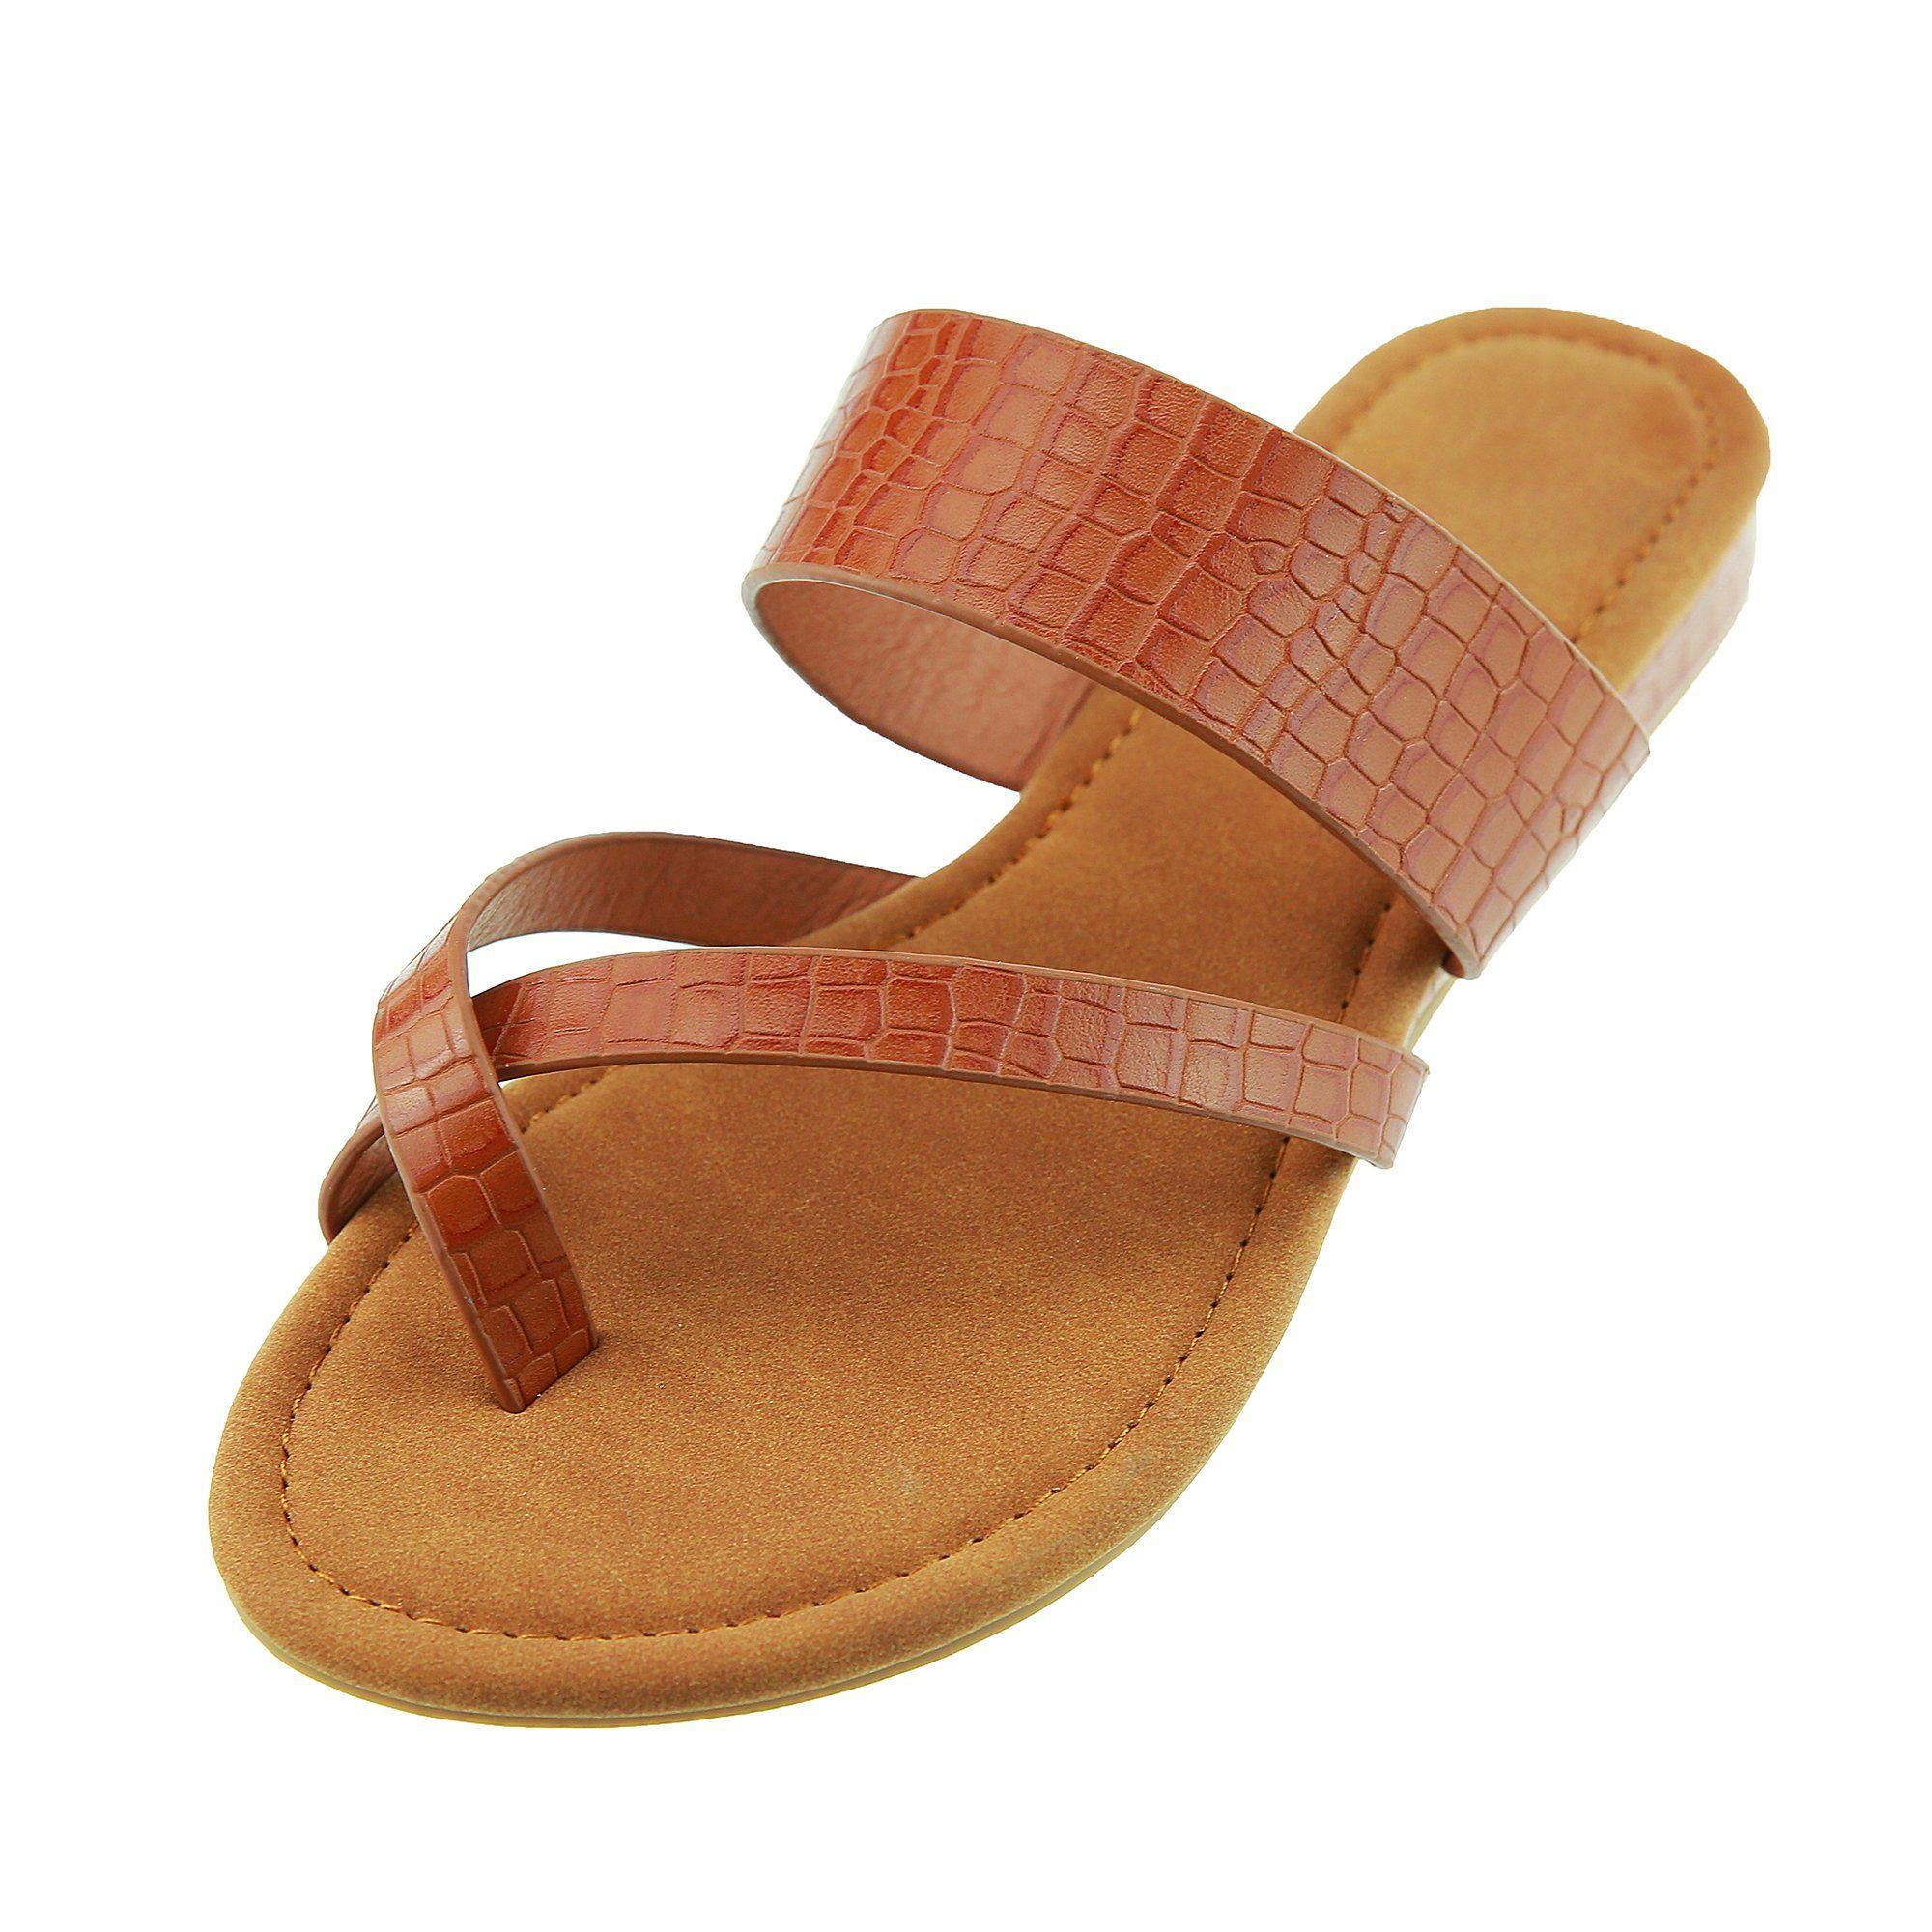 ccc7c16e4 Pin by DEZHENG CHU on Summer Sandals